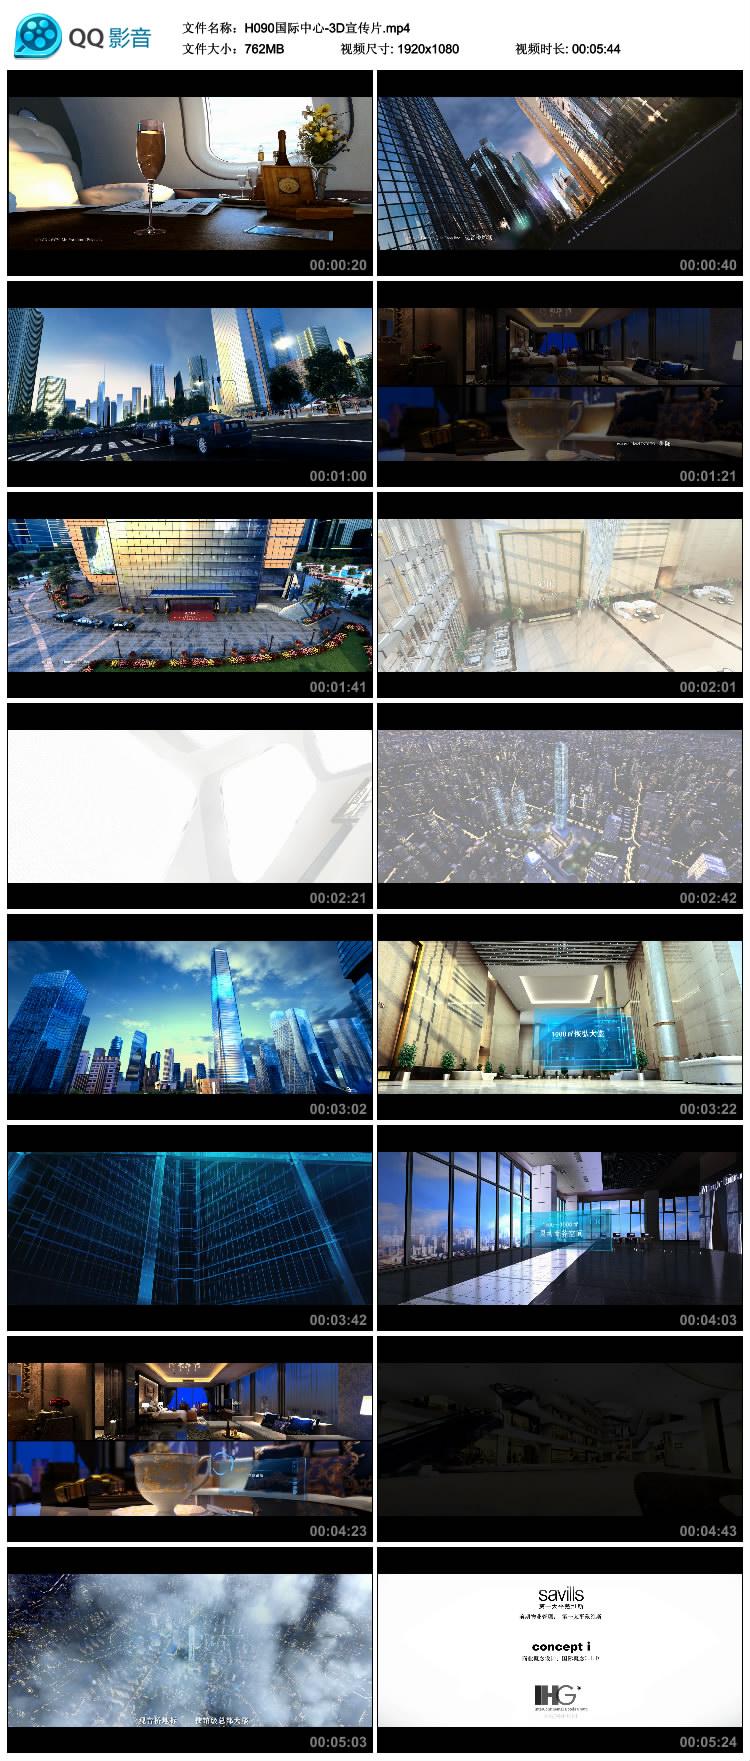 房地产房产3D三维建筑动画漫游商场城市大楼高清视频素材